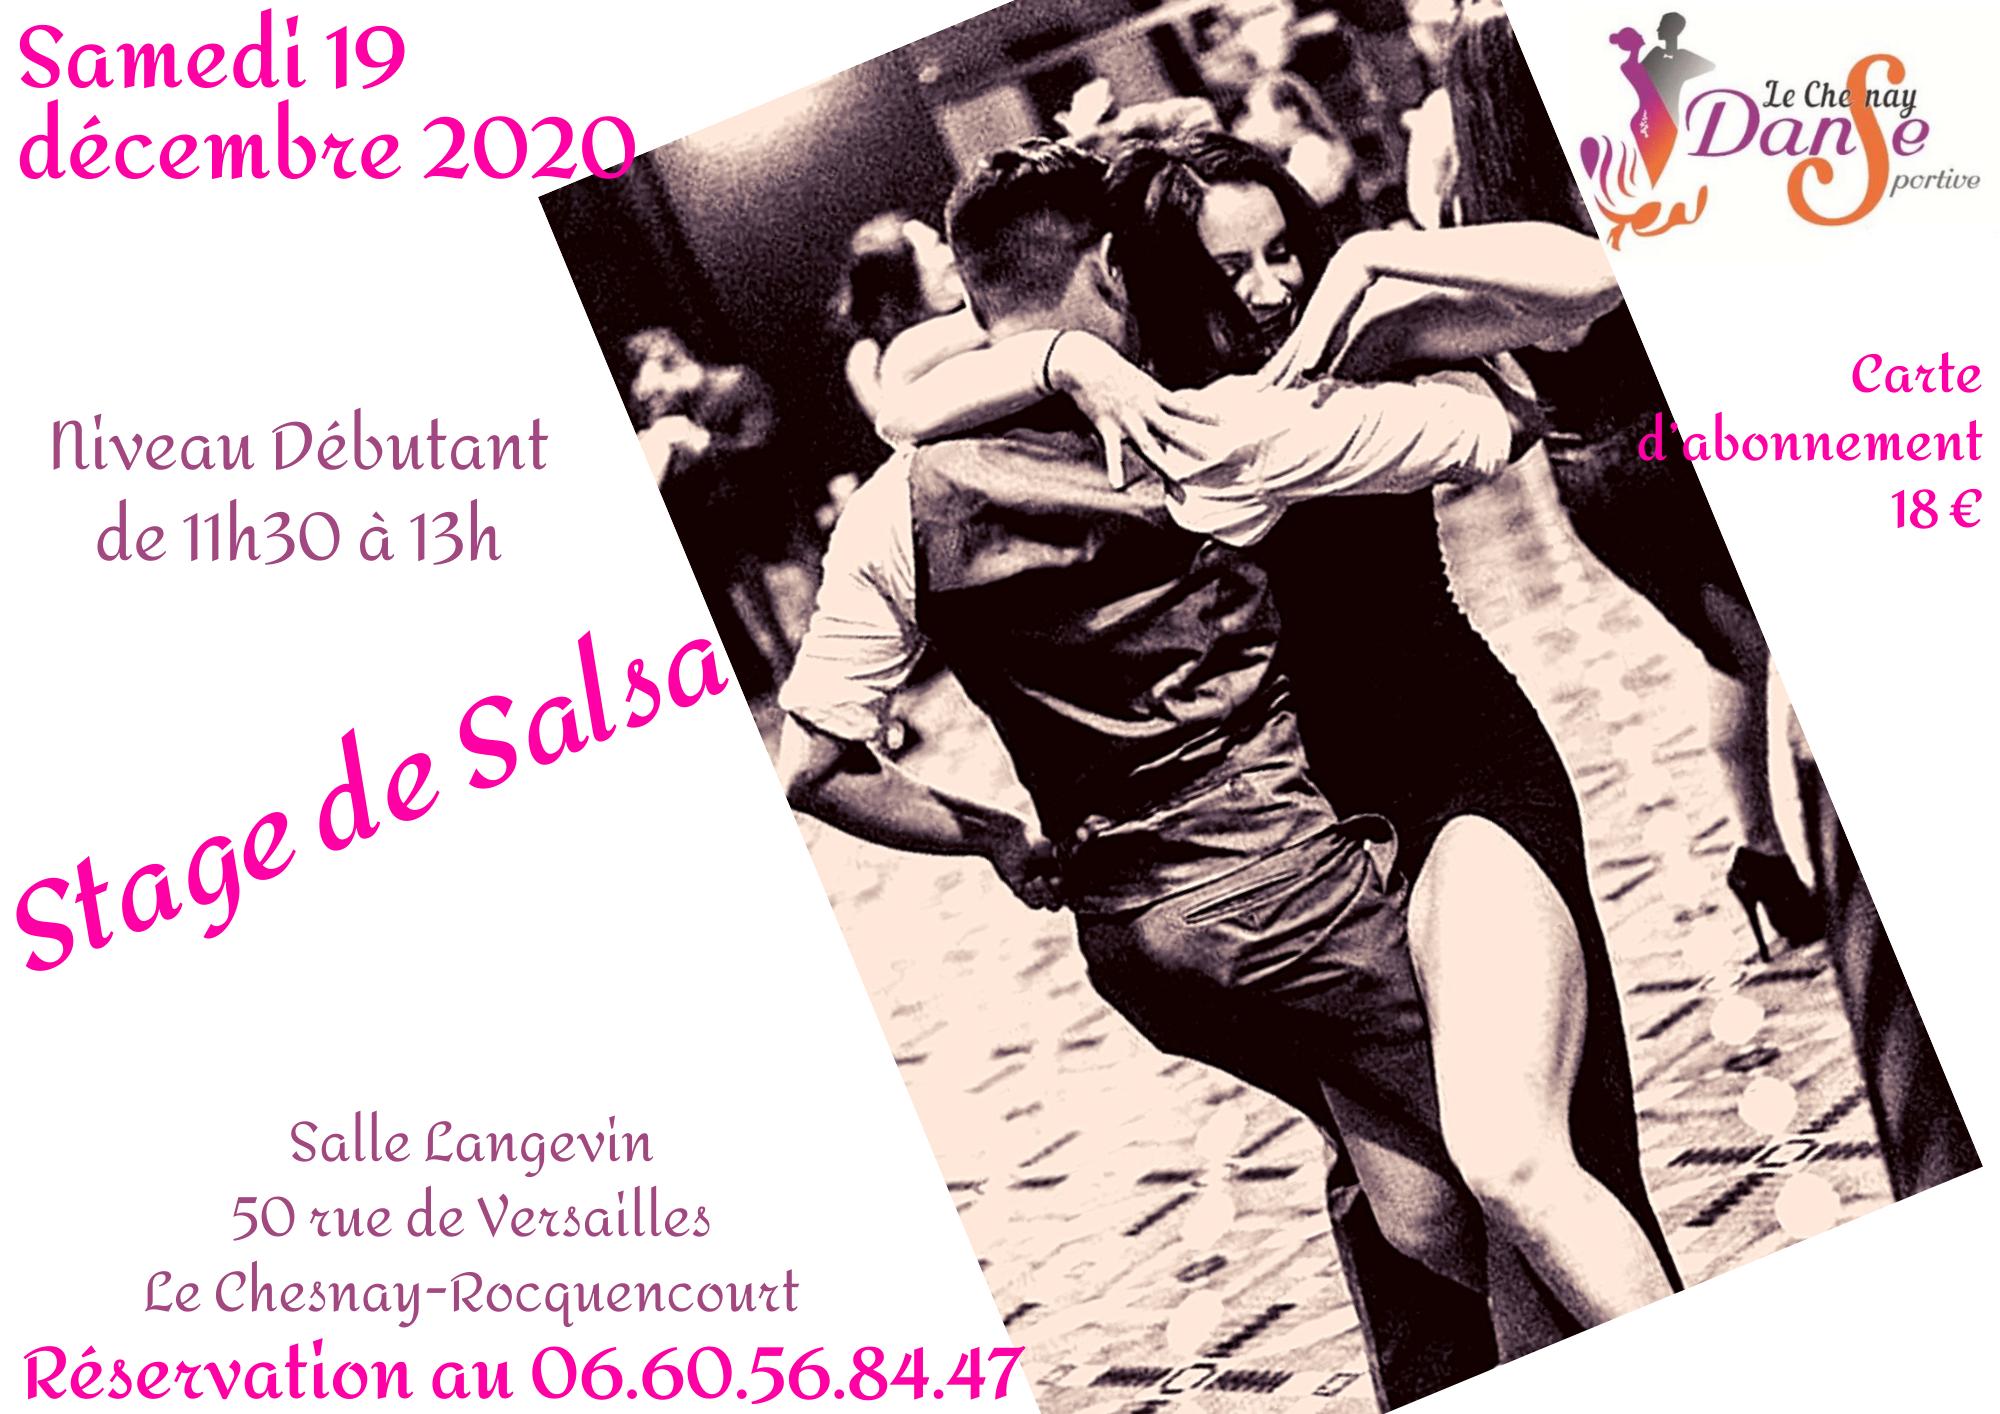 2ème stage Salsa déb – 19 décembre 2020